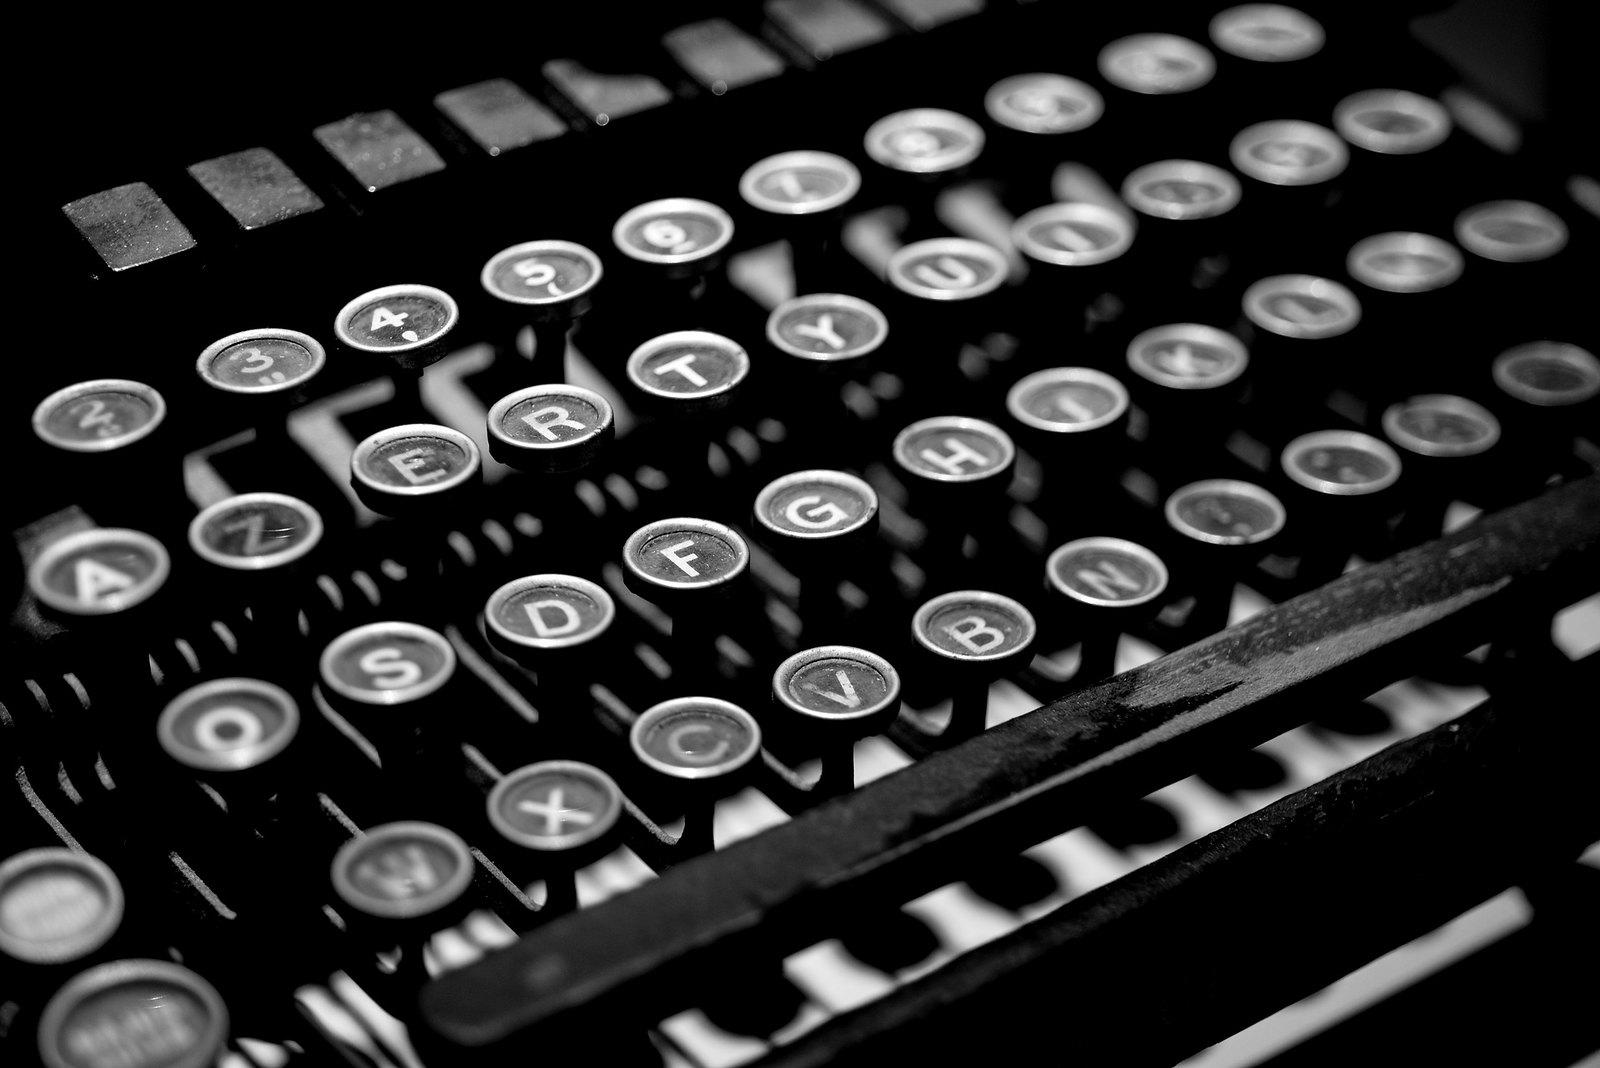 Az a bizonyos bűvös 18-as – Irodalmi pályázatot hírdet a Pagony kiadó